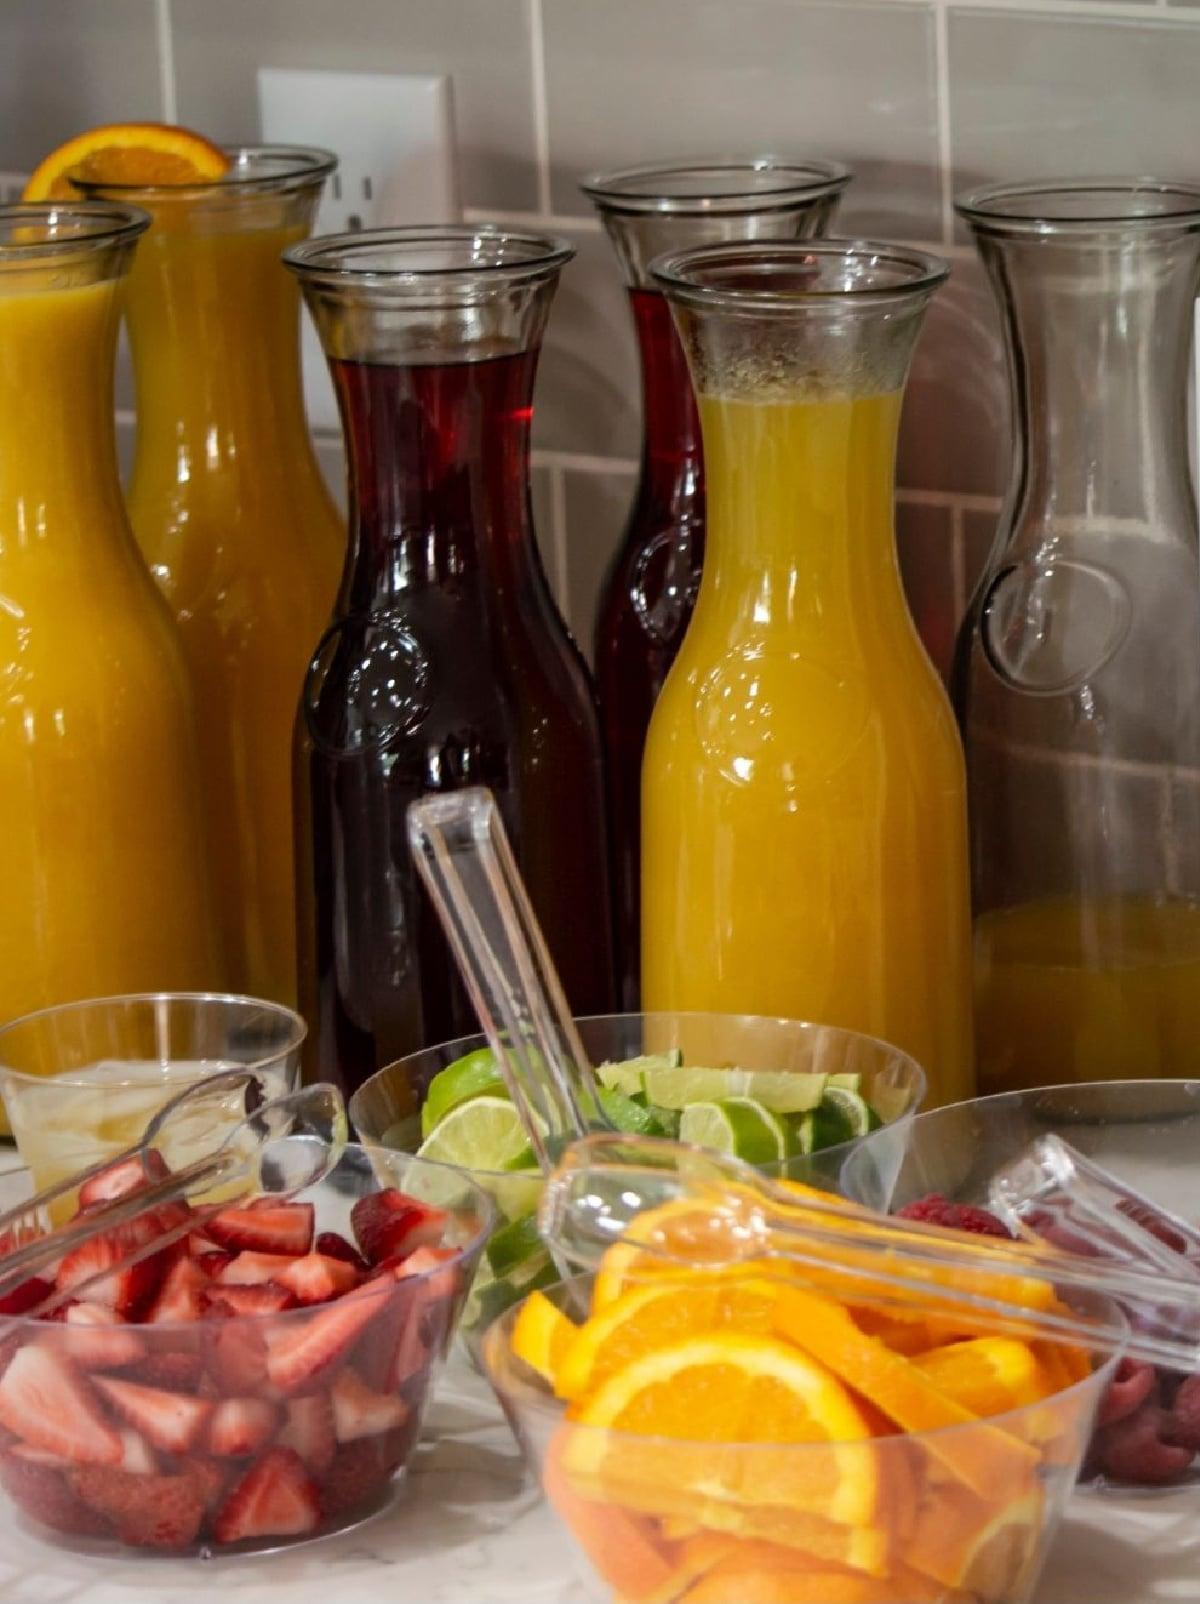 DIY mimosa bar juices and fruits